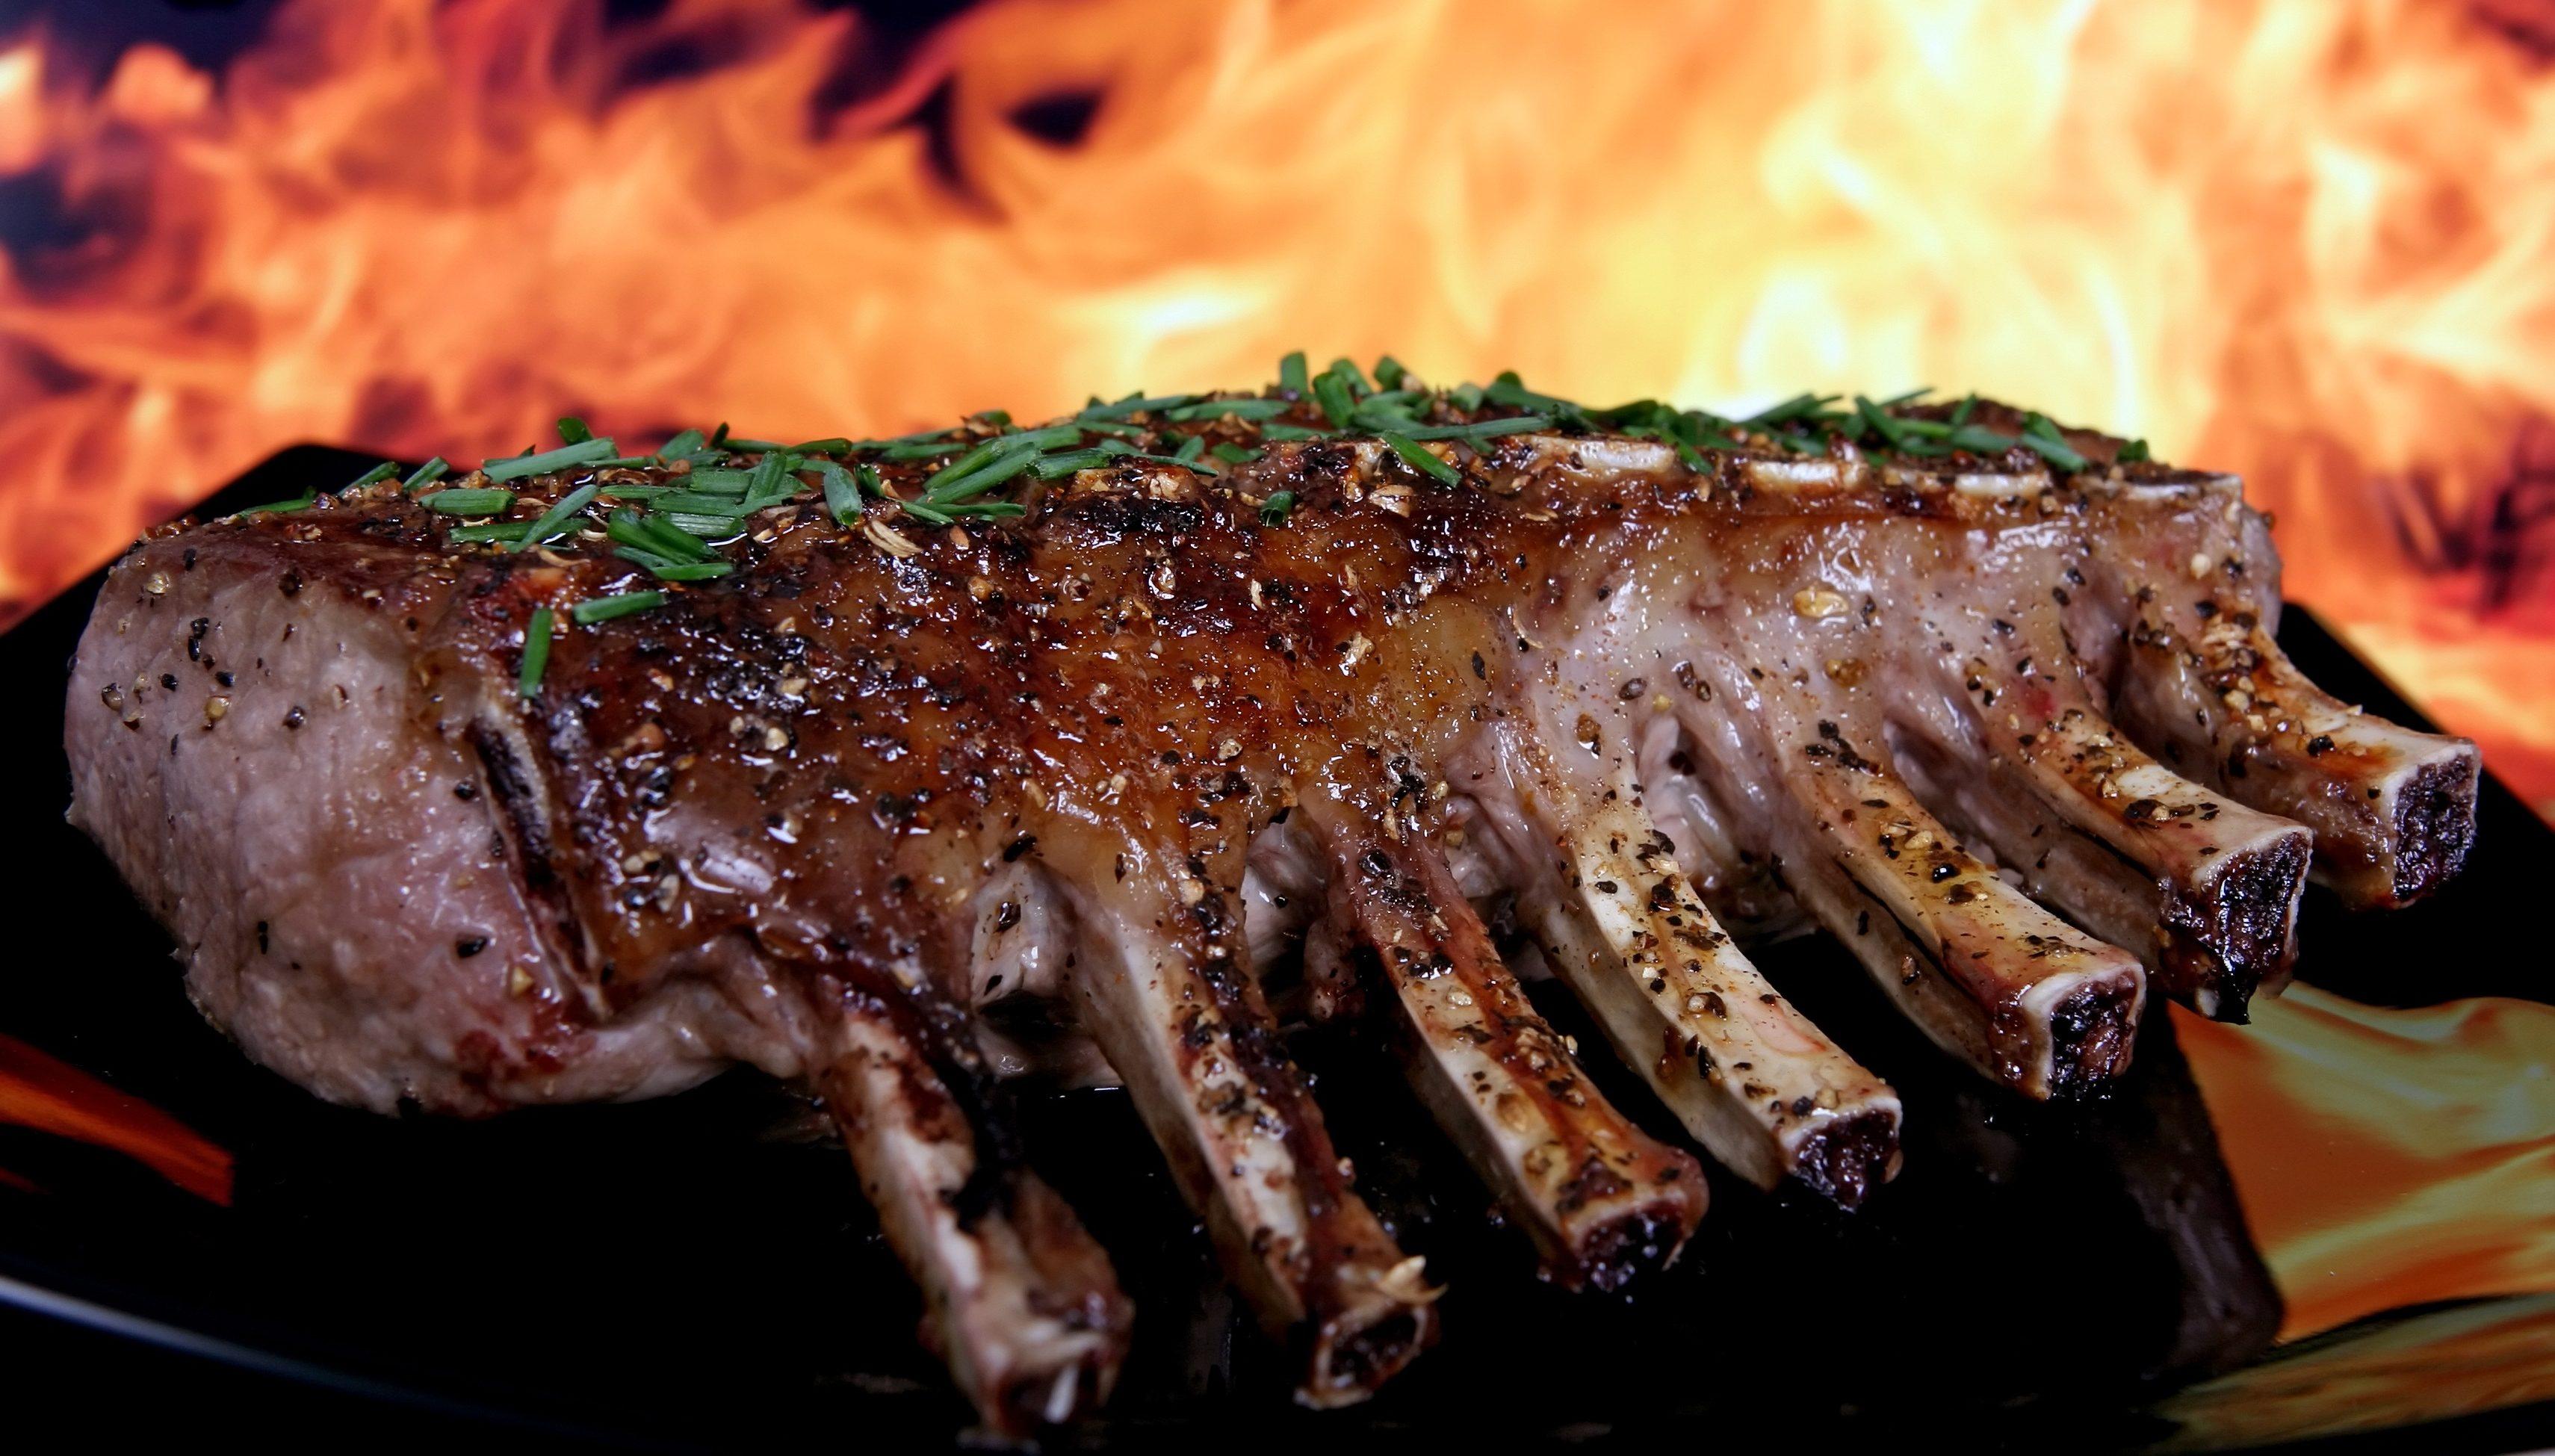 Weber Elektrogrill Fleisch Grillen : Lieber grill fleisch vom metzger statt neuen weber grill